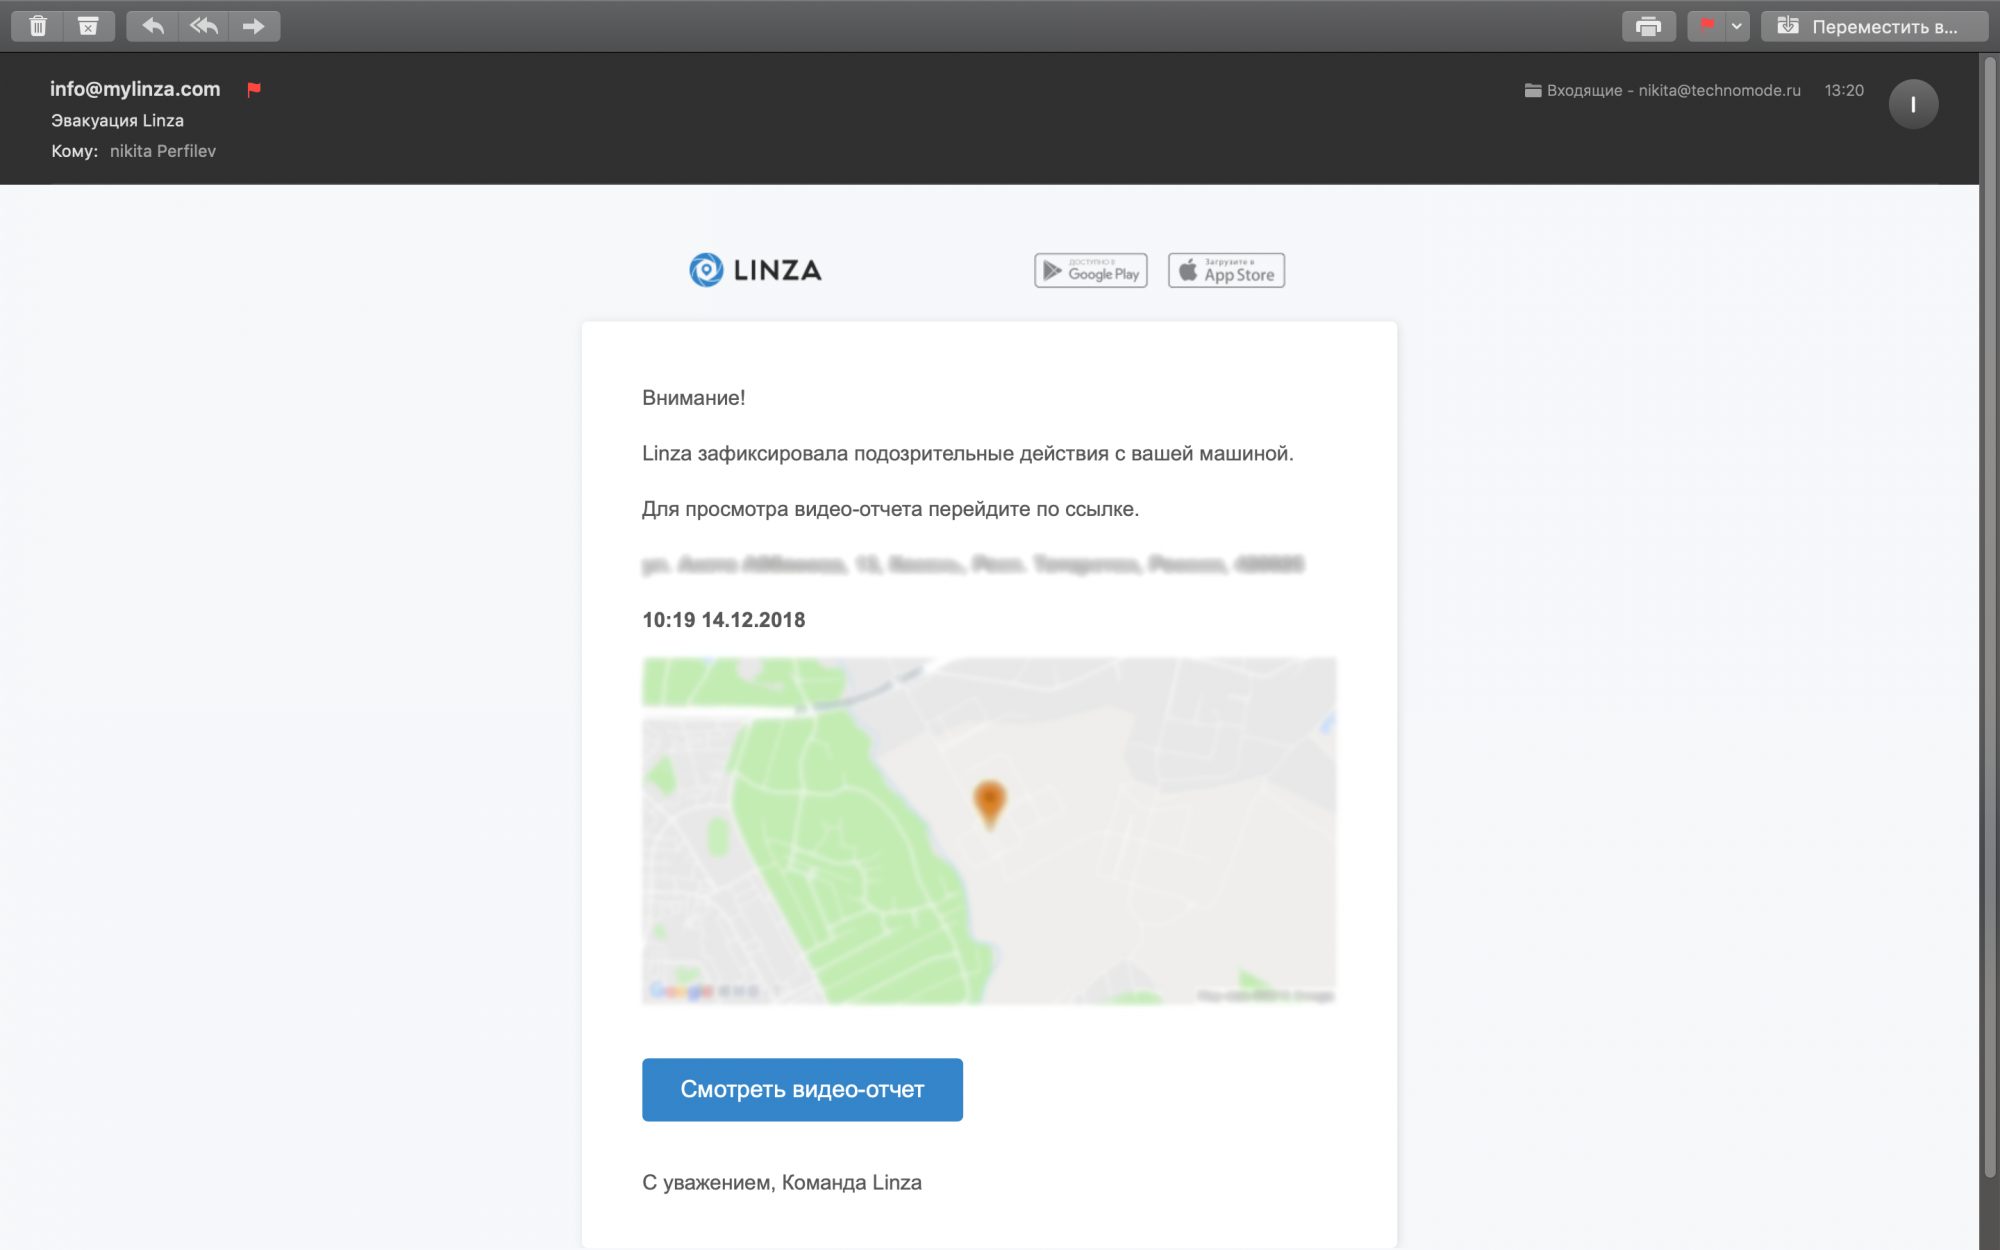 Обзор и тест умного видеорегистратора LINZA. Прибор, который вызывал спорные чувства © Техномод